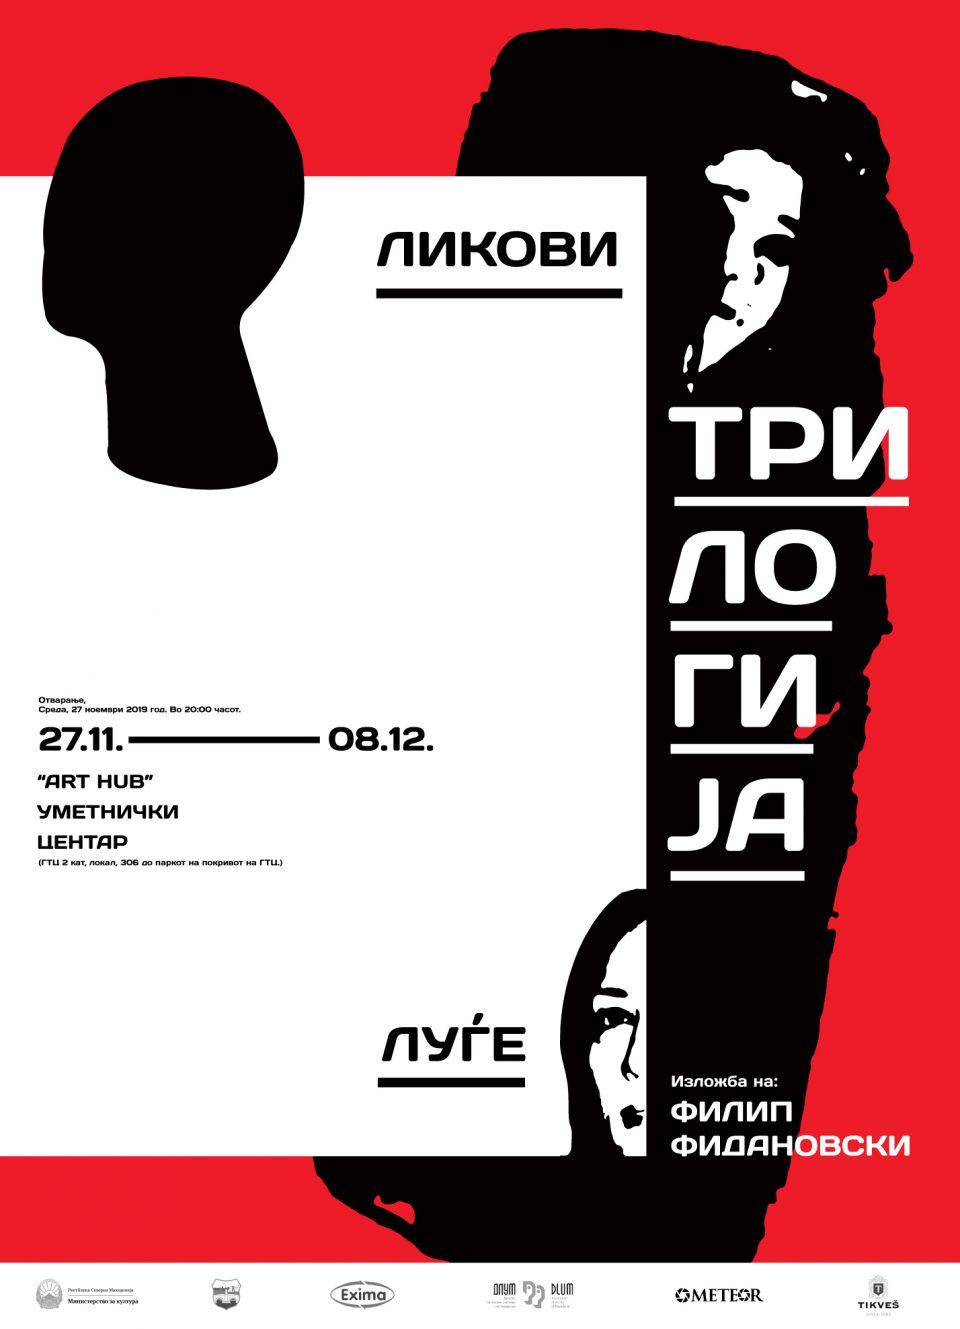 """Изложбата """"Трилогија, ликови -луѓе"""" на Филип Фидановски се отвора в среда во АРТ ХУБ"""